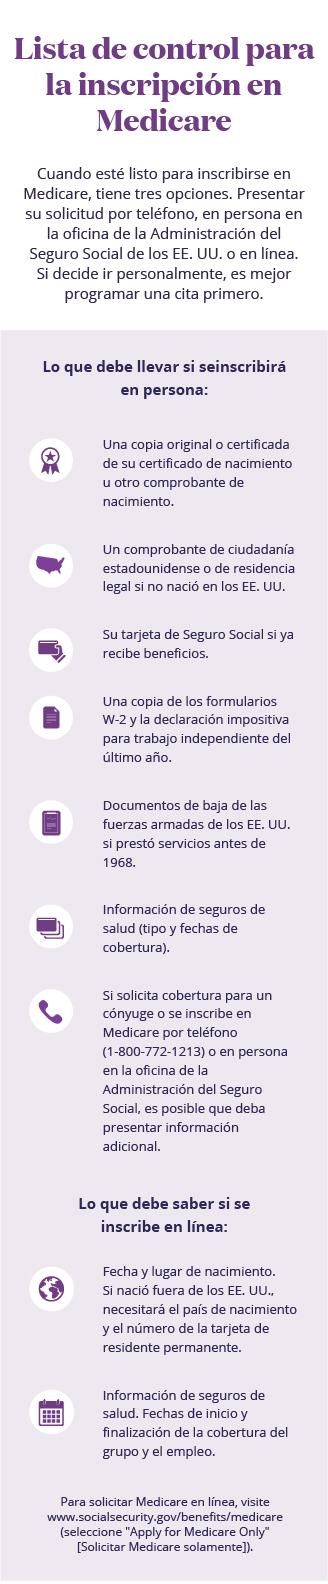 Infografía móvil del análisis de la lista de control de inscripción de Medicare